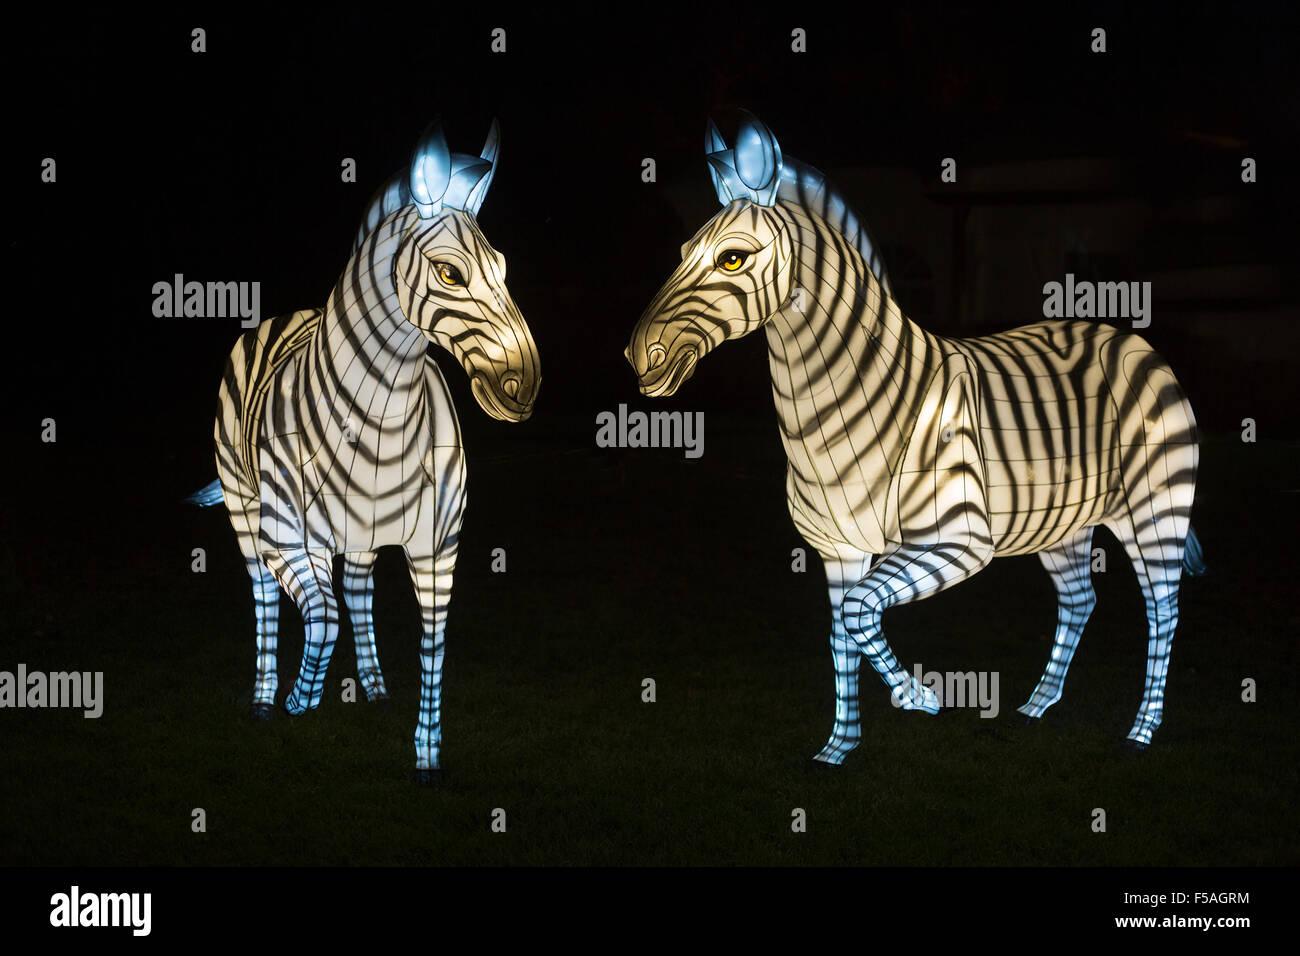 Zebra lanterns at the Illuminasia Lantern Festival, handmade by Chinese artisans,  powered by energy efficient LED - Stock Image